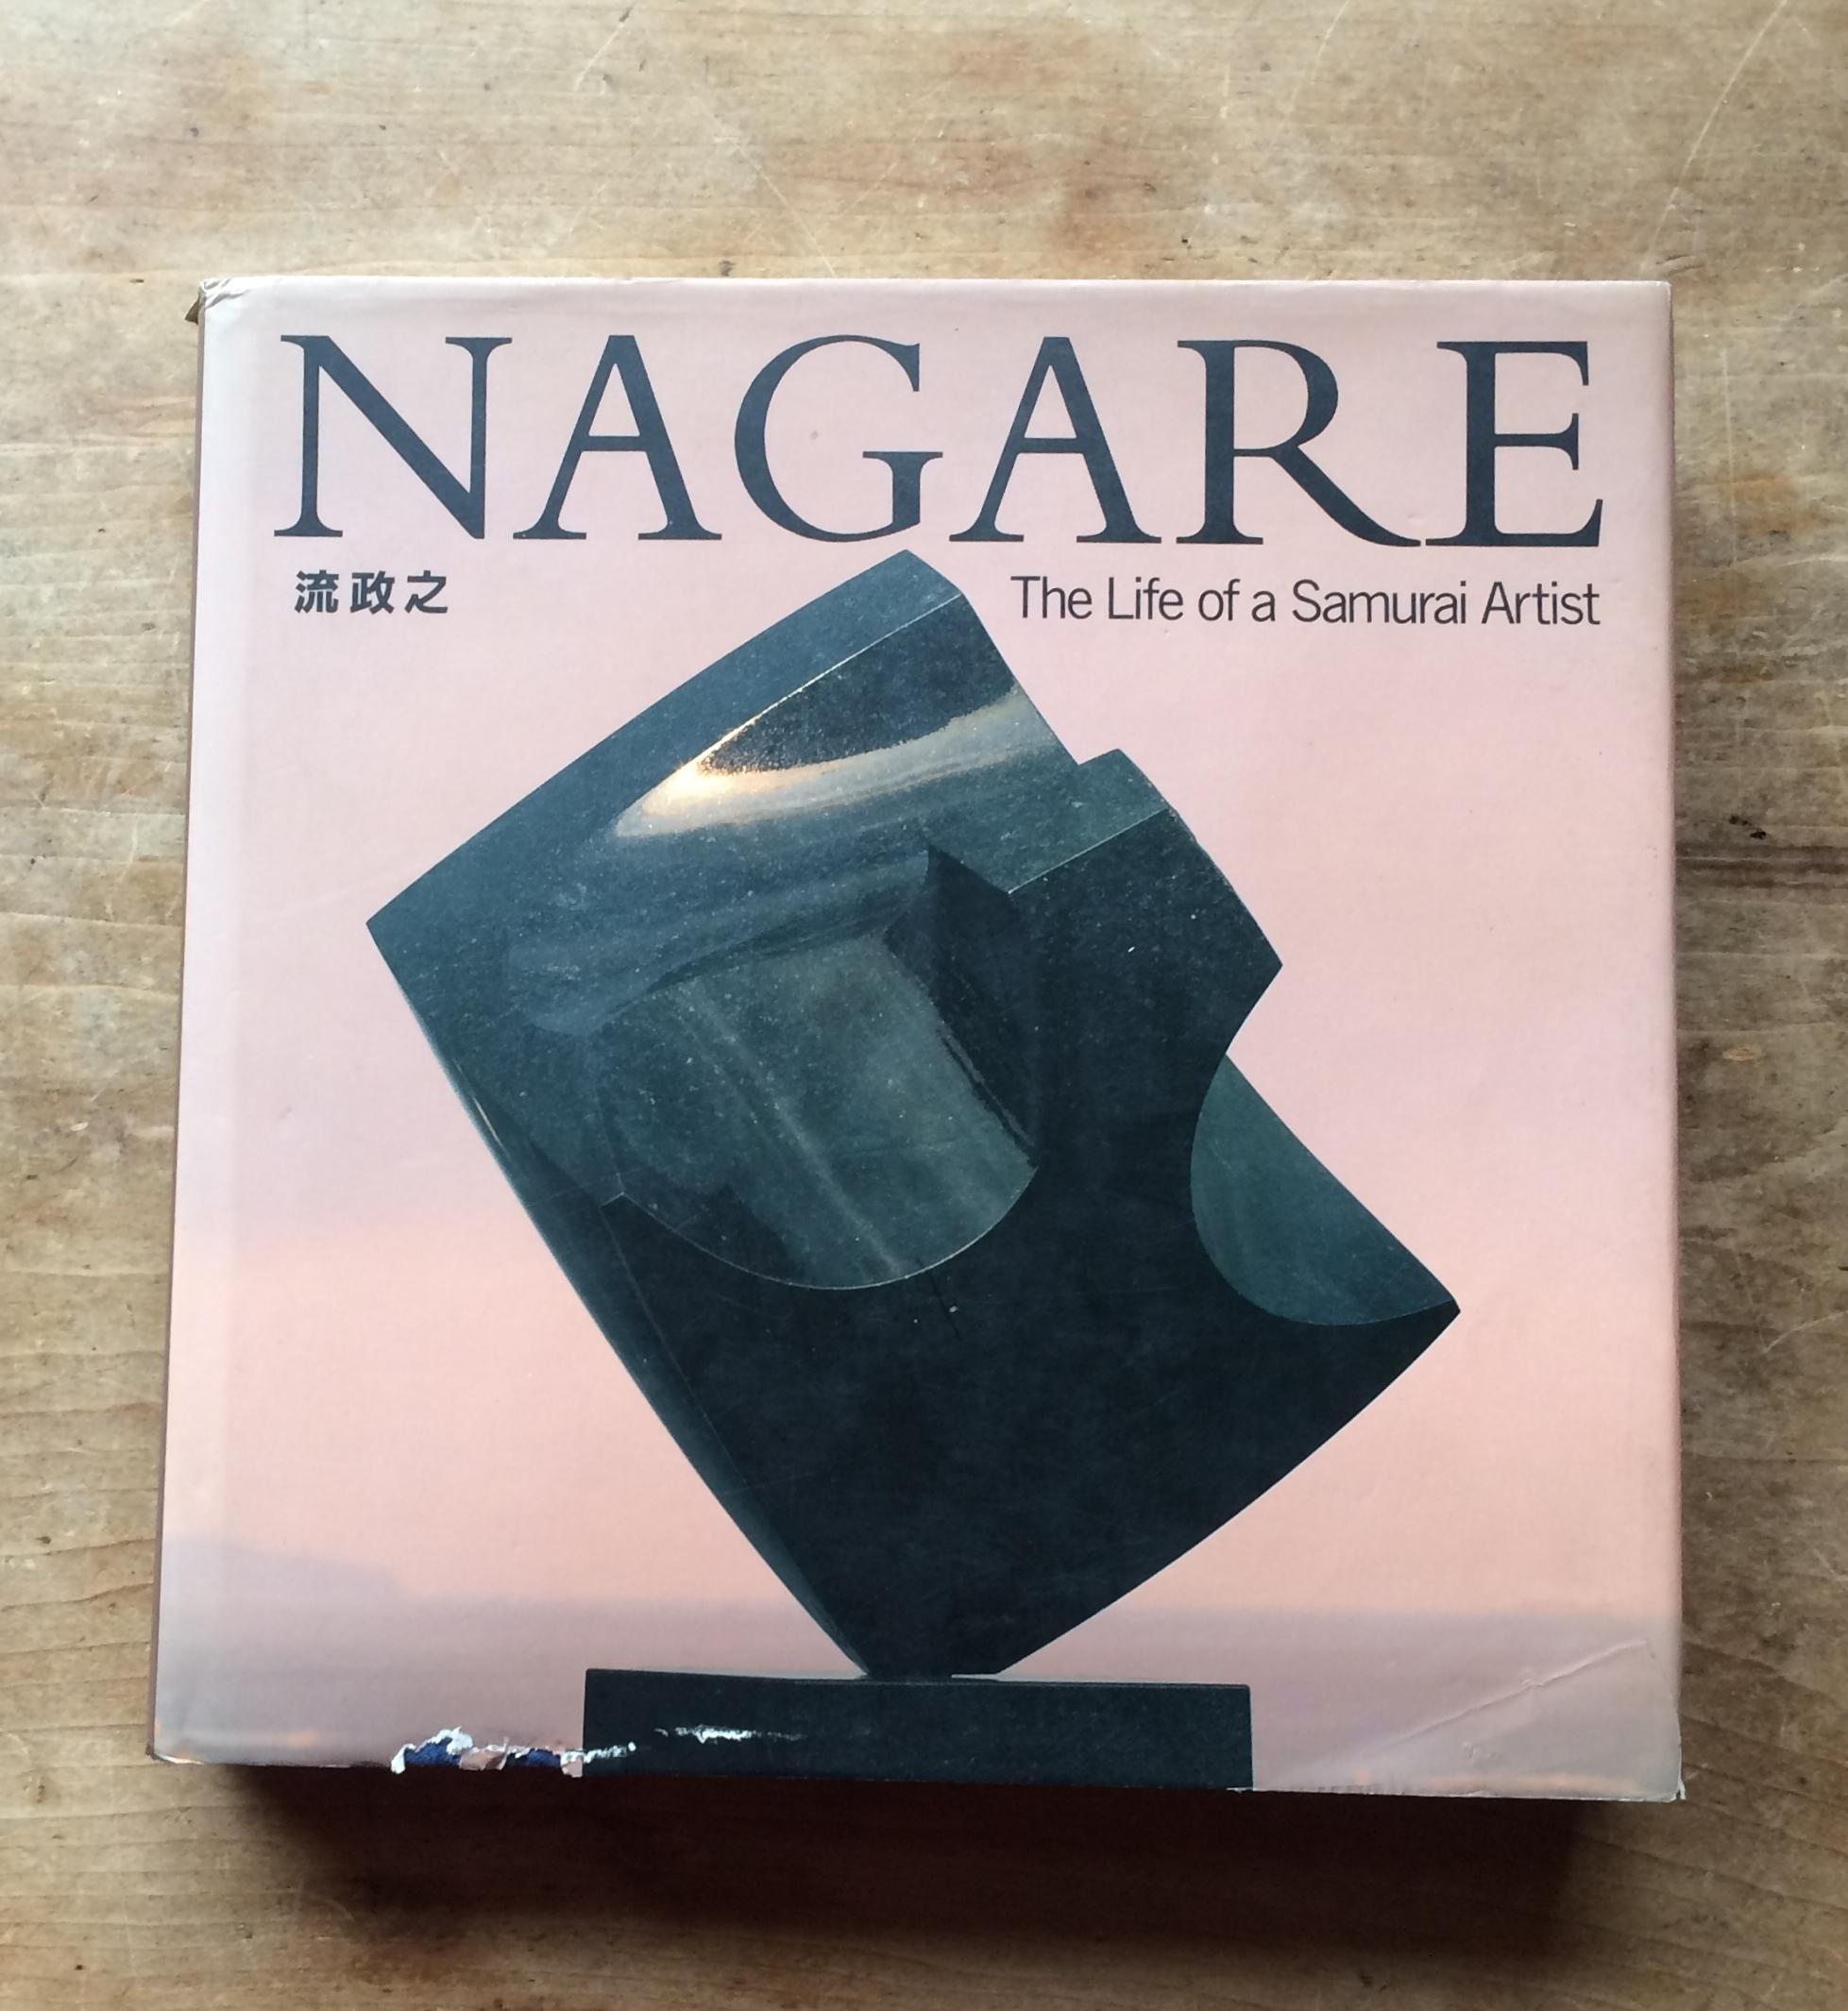 絶版洋古書 流政之 masayuki nagare life of a samurai artist the